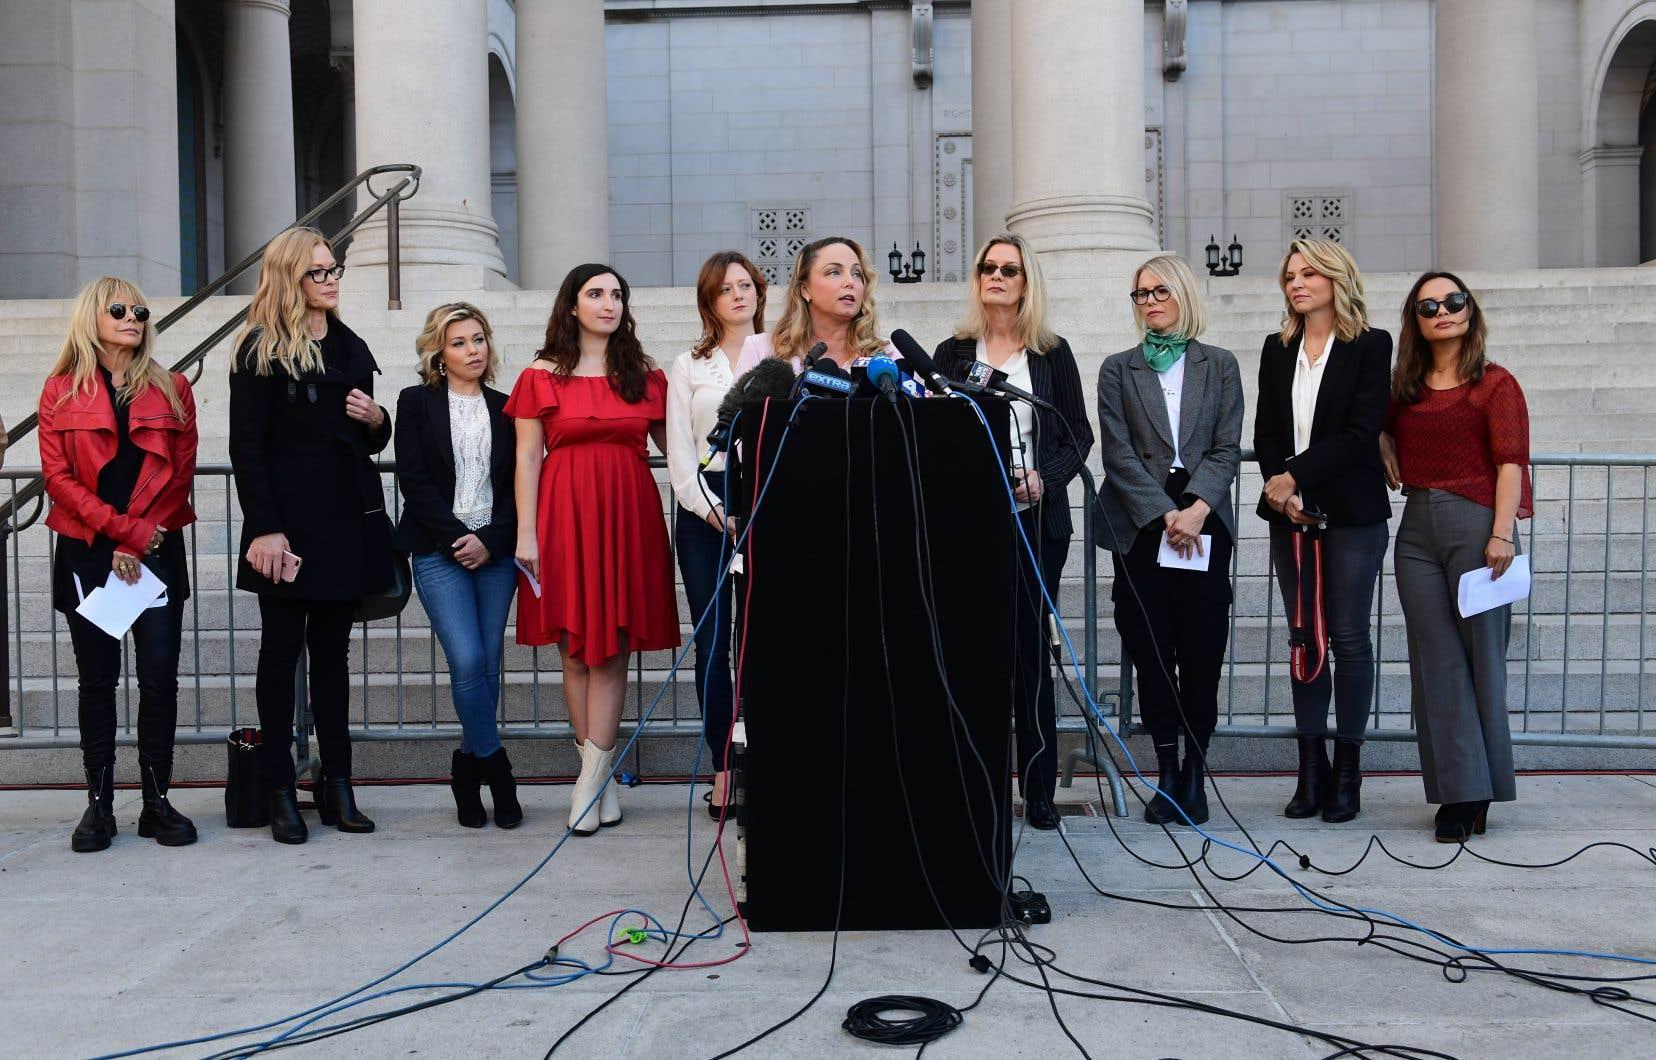 Louisette Geiss (au micro), l'une des femmes à l'origine de la plainte en nom collectif contre Harvey Weinstein, s'est félicitée de la création d'un fonds qui permettra d'indemniser «beaucoup de victimes qui ont perdu leur carrière, et beaucoup plus».